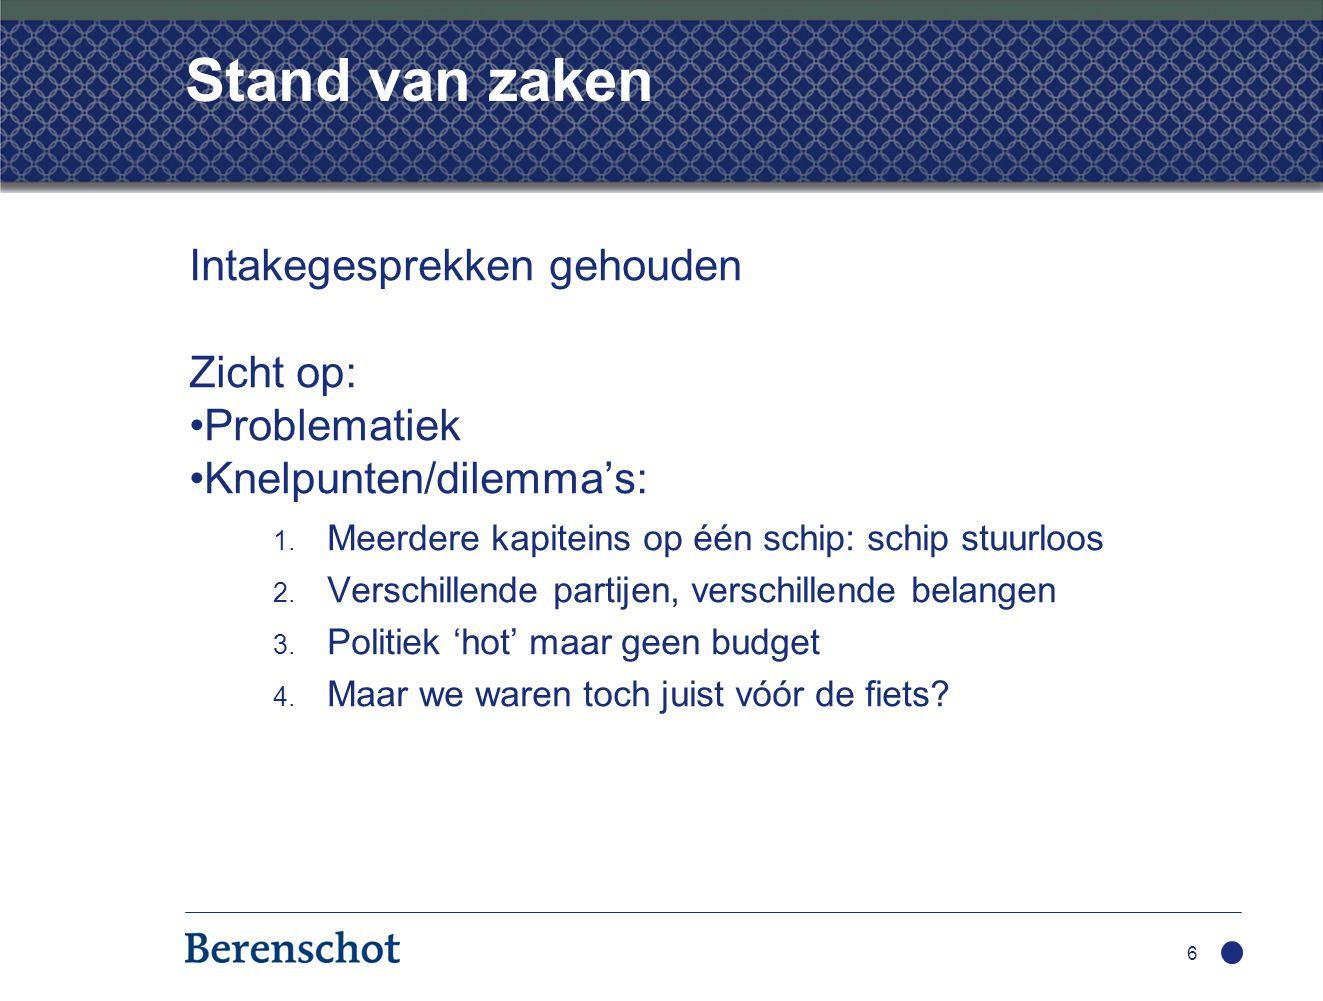 Stand van zaken Intakegesprekken gehouden Zicht op: Problematiek Knelpunten/dilemma's Speelveld Behoefte aan ondersteuning Volgende stap: Stappenplan voor implementatie opstellen Aan het werk.